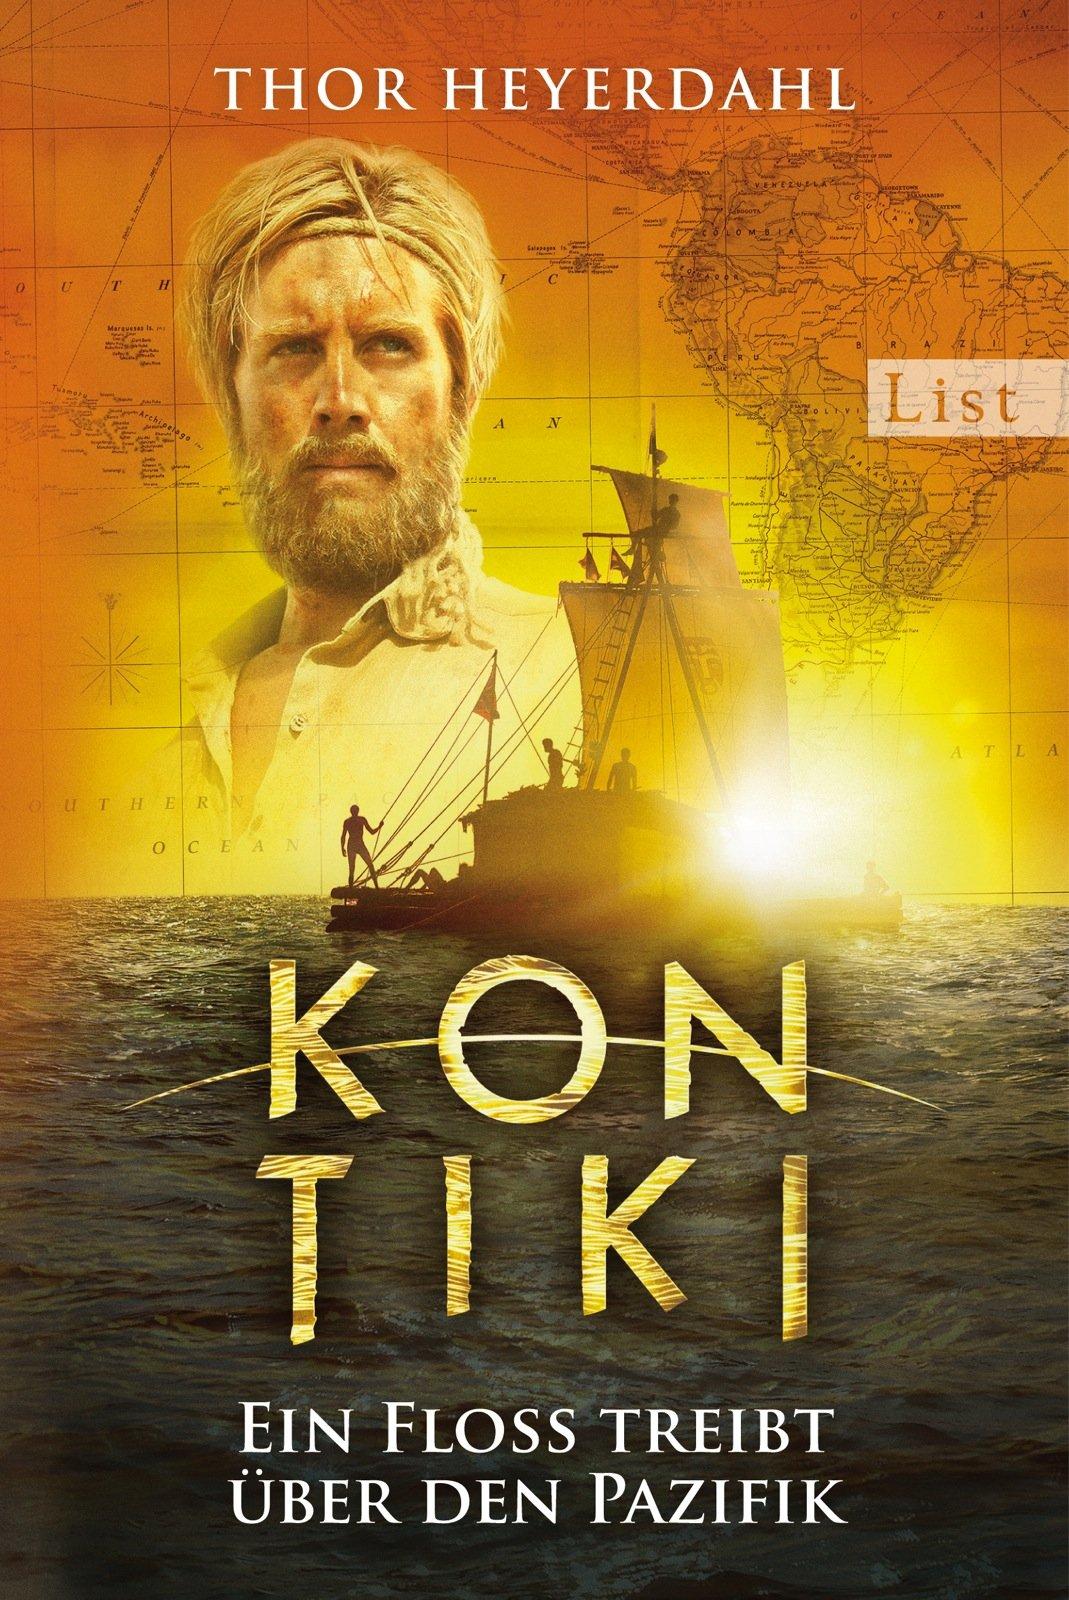 Kon-Tiki: Ein Floß treibt über den Pazifik Taschenbuch – 8. März 2013 Thor Heyerdahl Karl Jettmar List Taschenbuch 354861115X